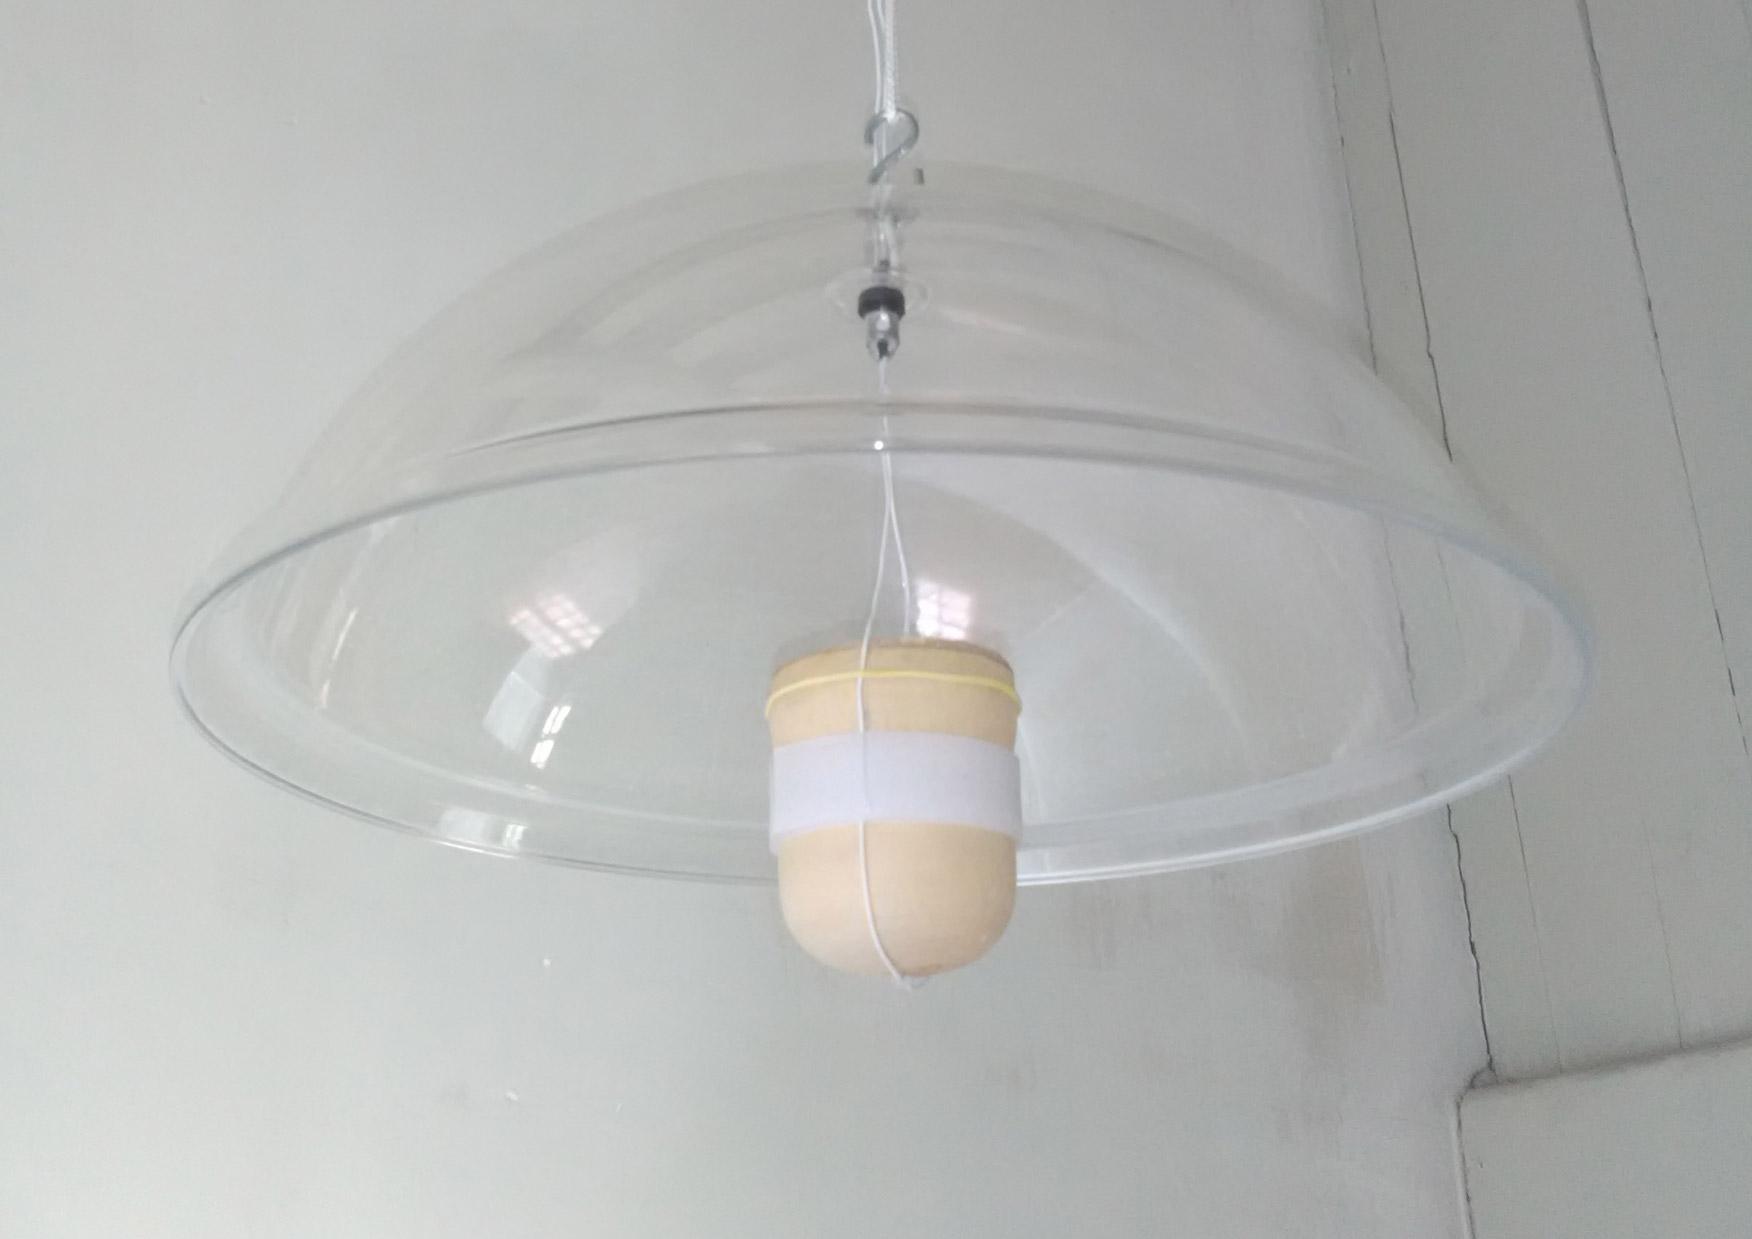 Espace 2: Paume, par Norah Krief, Dispositif immersif et directif